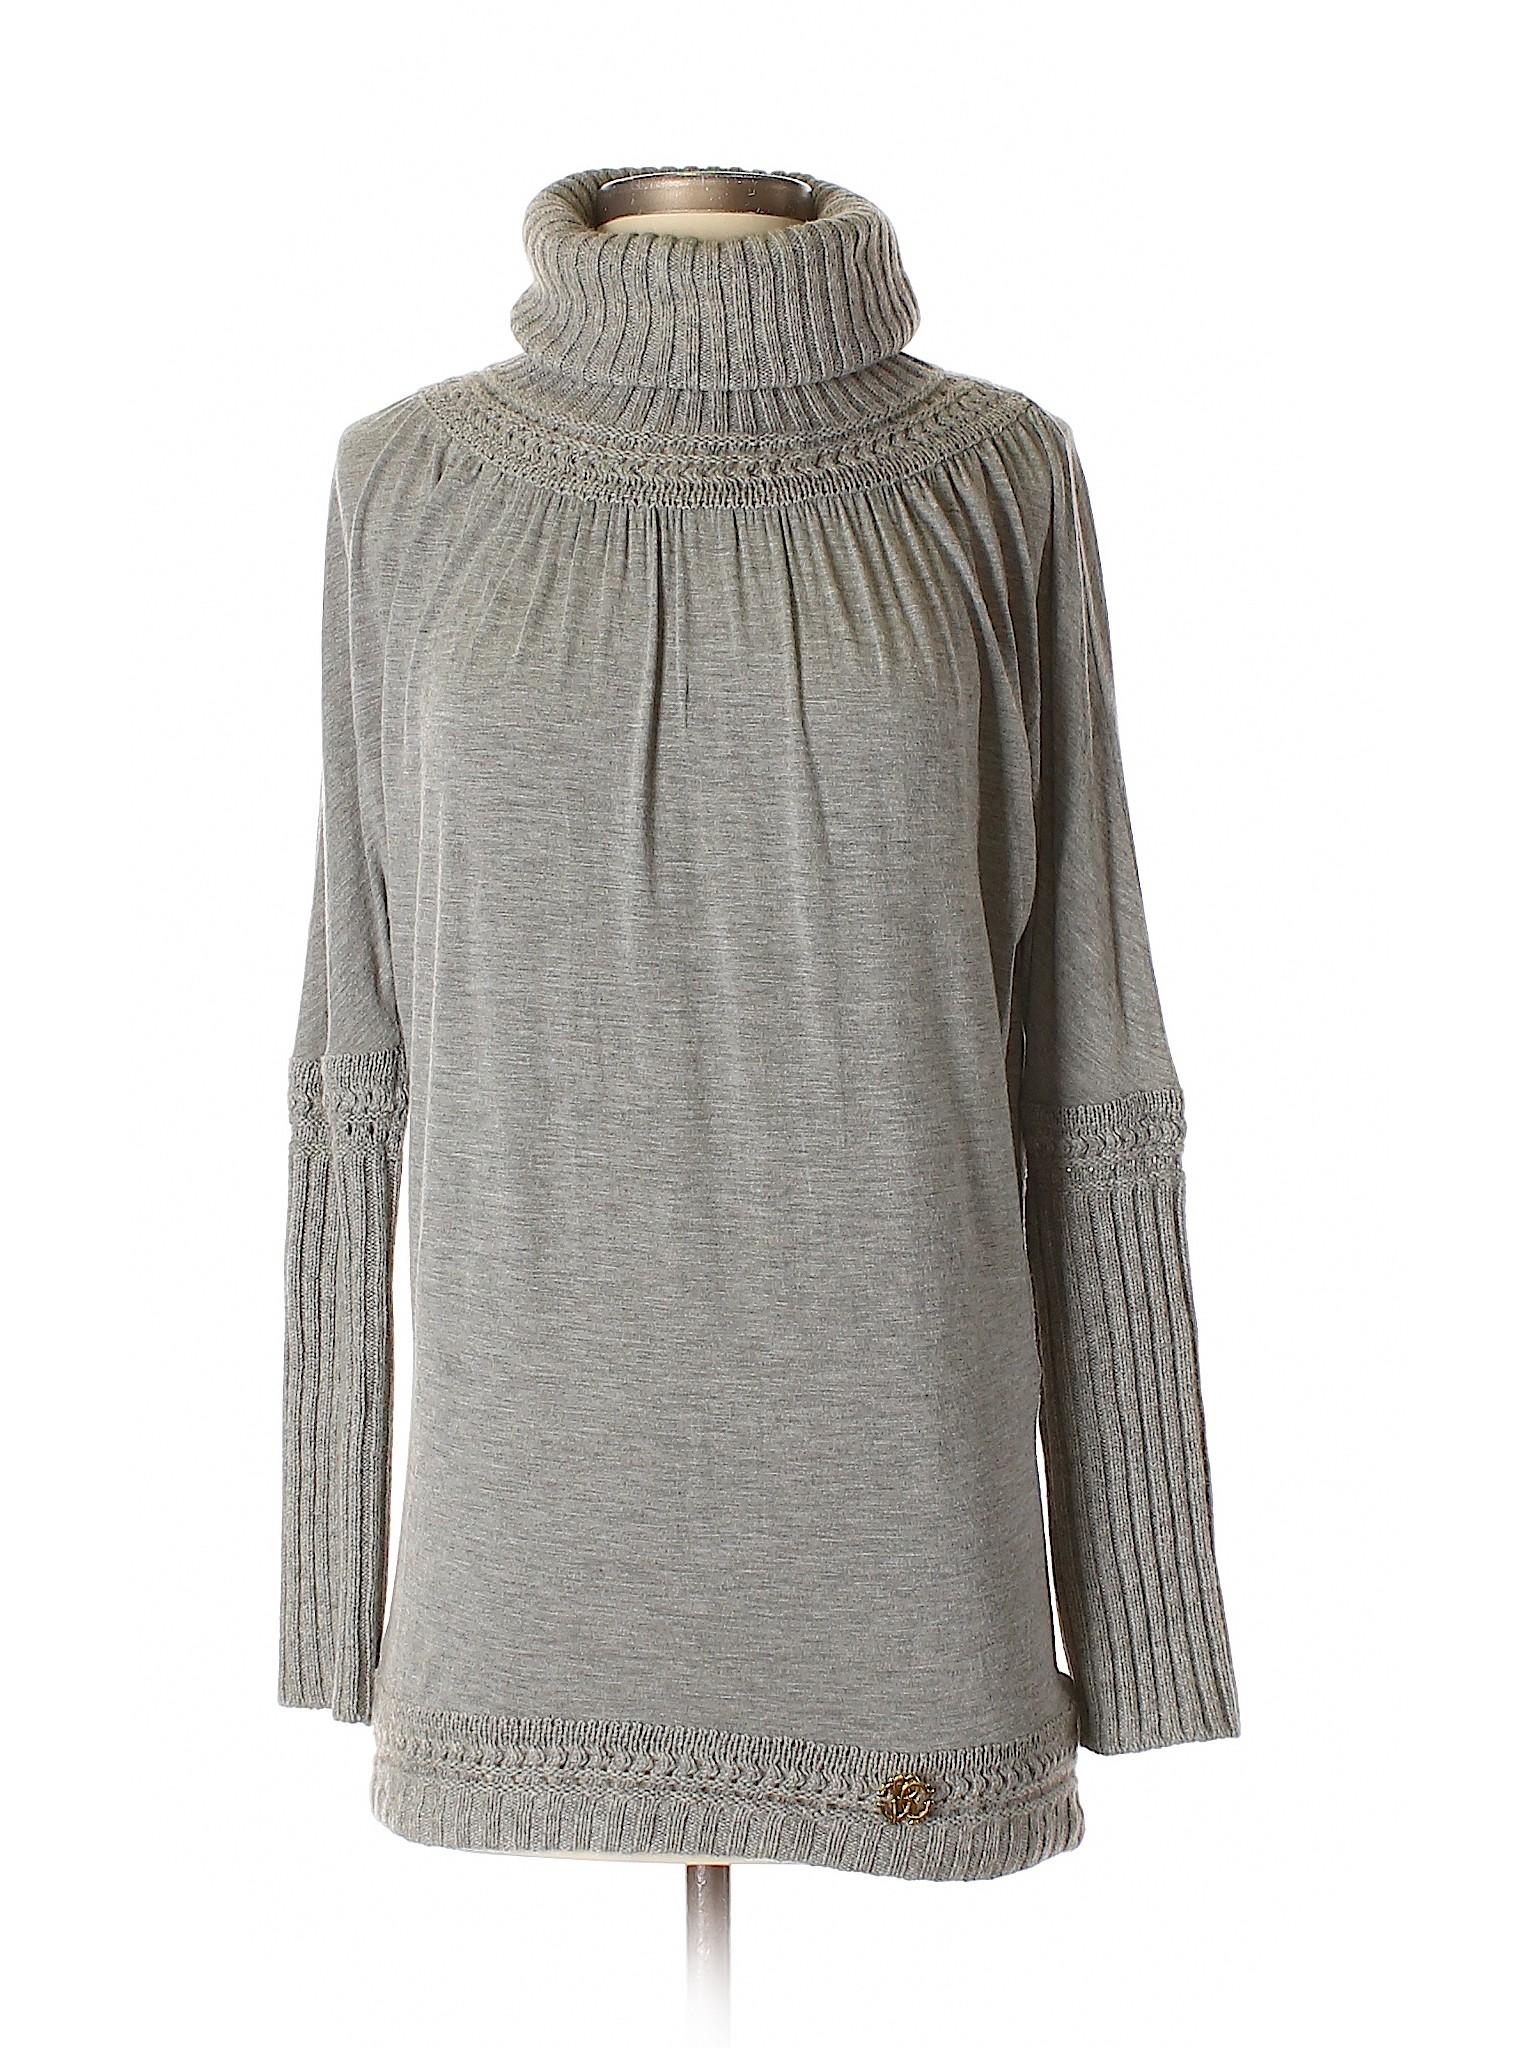 Boutique Sweater Pullover Cavalli Roberto winter Cashmere rPq0rO